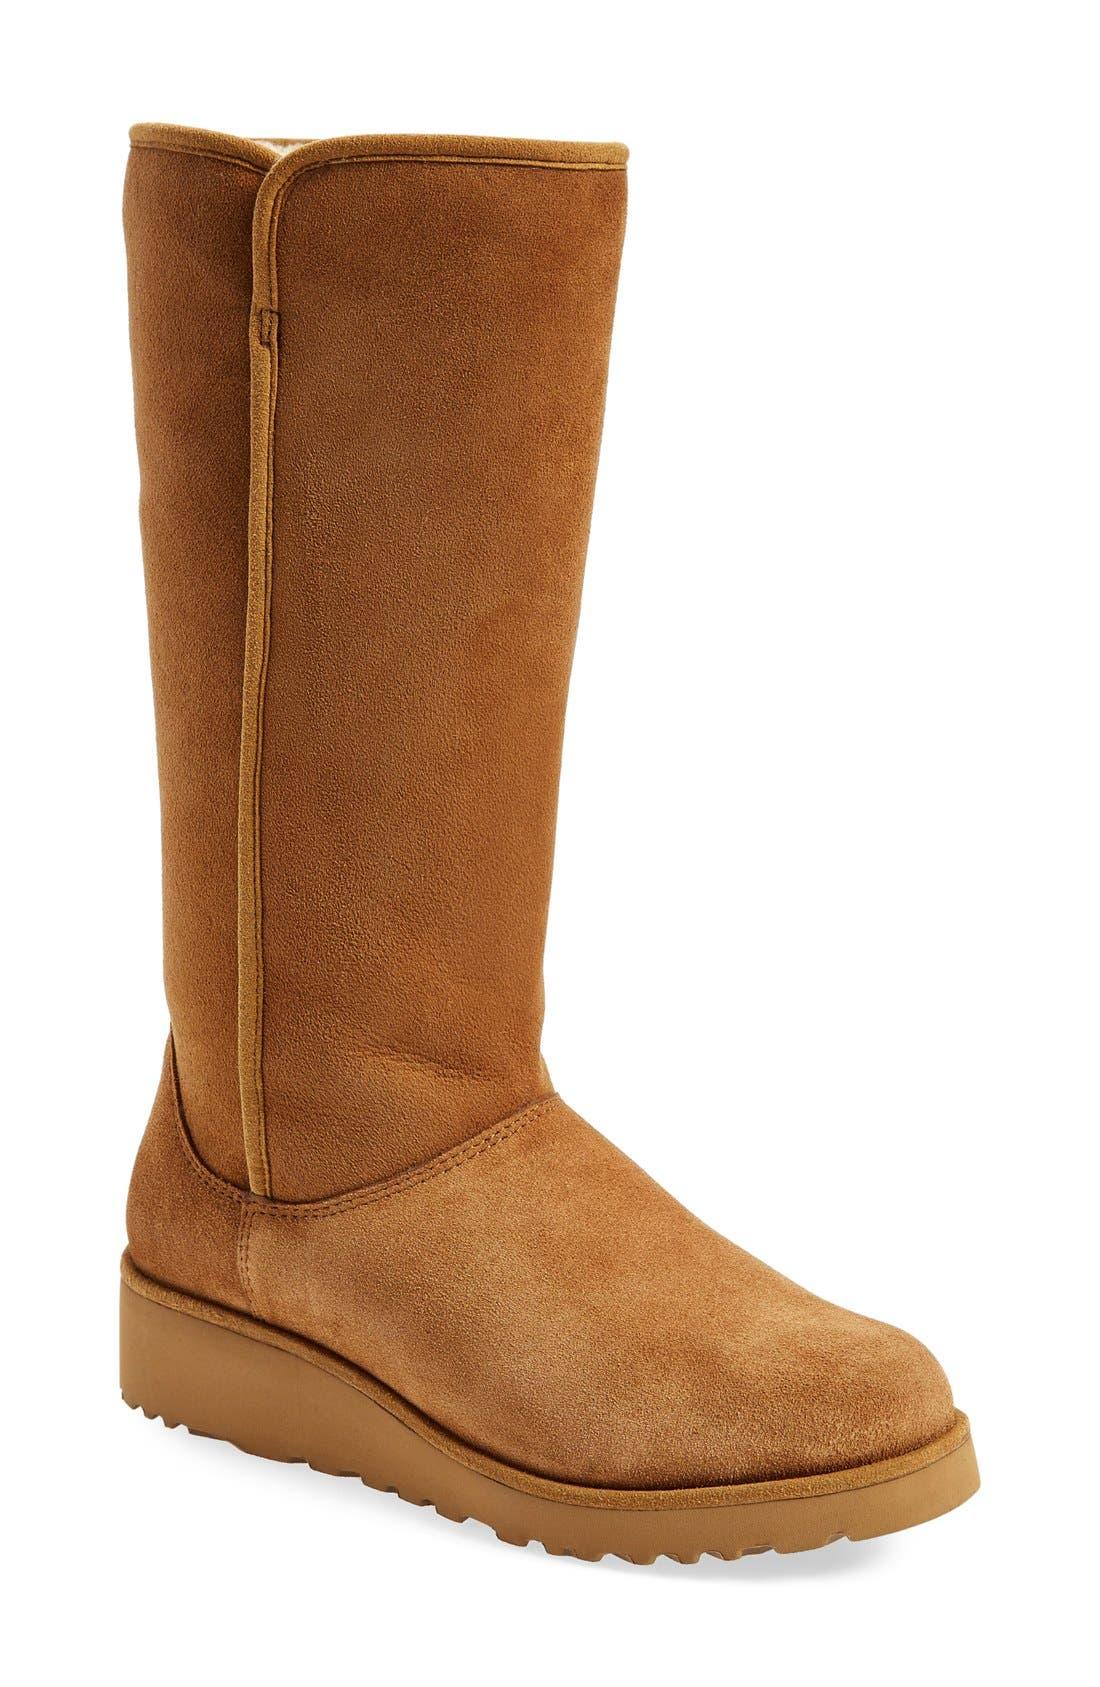 Alternate Image 1 Selected - UGG® Kara - Classic Slim™ Water Resistant Tall Boot (Women)